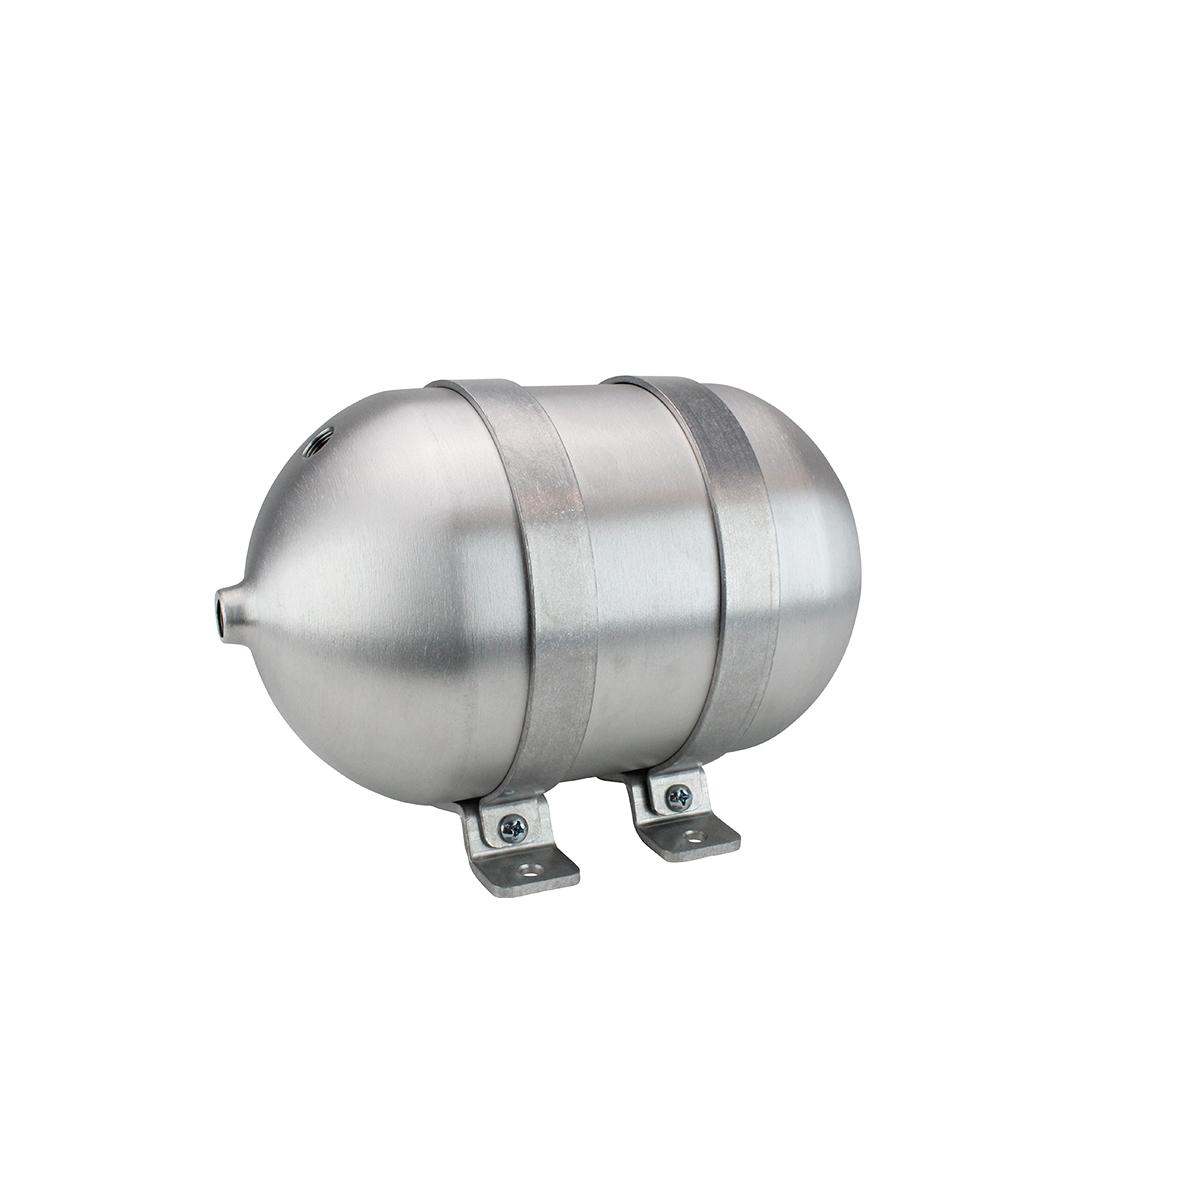 """SA612038-01 Seamless Tanks Aluminum Air Tank 12"""" Length 6.625"""" Diameter, (4) 3/8"""" Ports (1) 1/4"""" Port, 200psi Rated, Actual Volume 1.25 Gallons"""